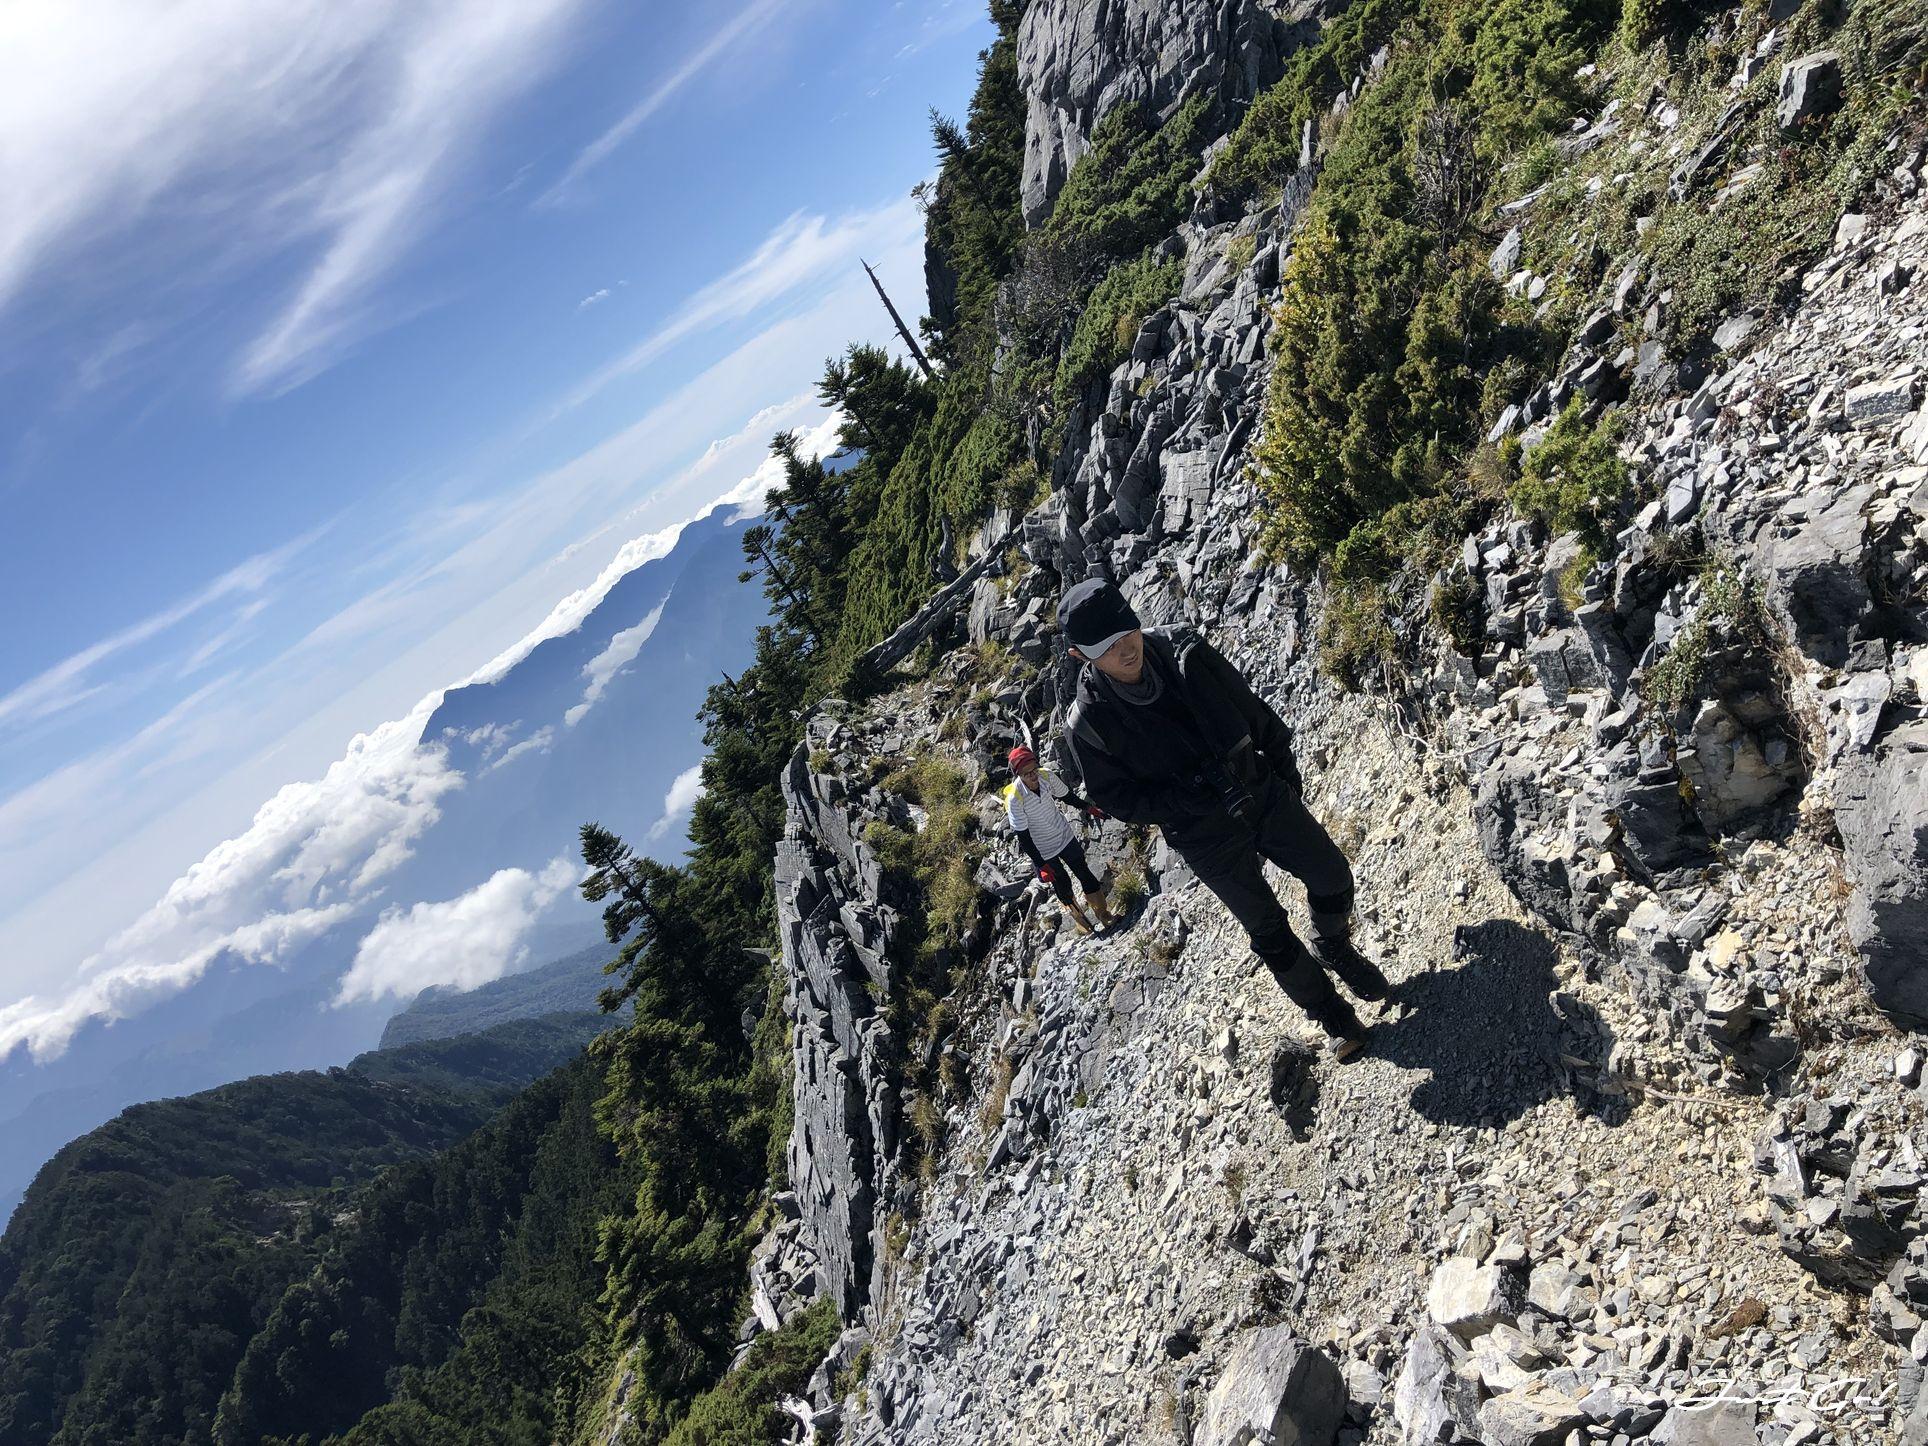 北二段C+級百岳-無明山、甘薯峰3天2夜-gpx路線、行程接駁、申請、水源43